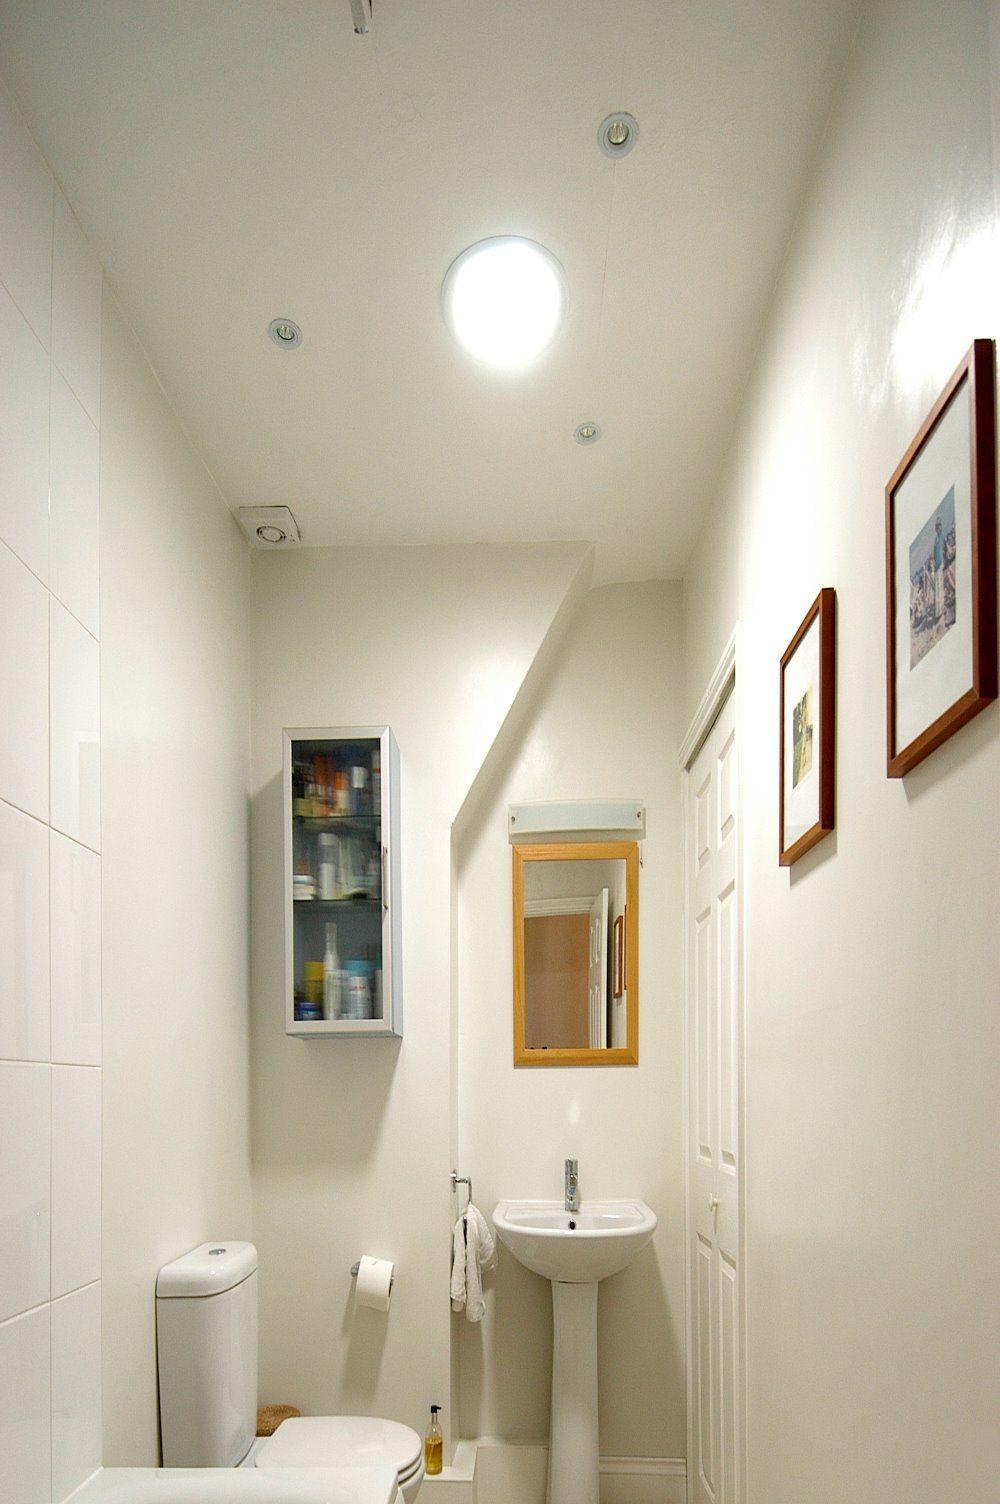 Daylighting Bathrooms Solatube Uk Bathroom Windows Window Ventilation Bathroom Ventilation